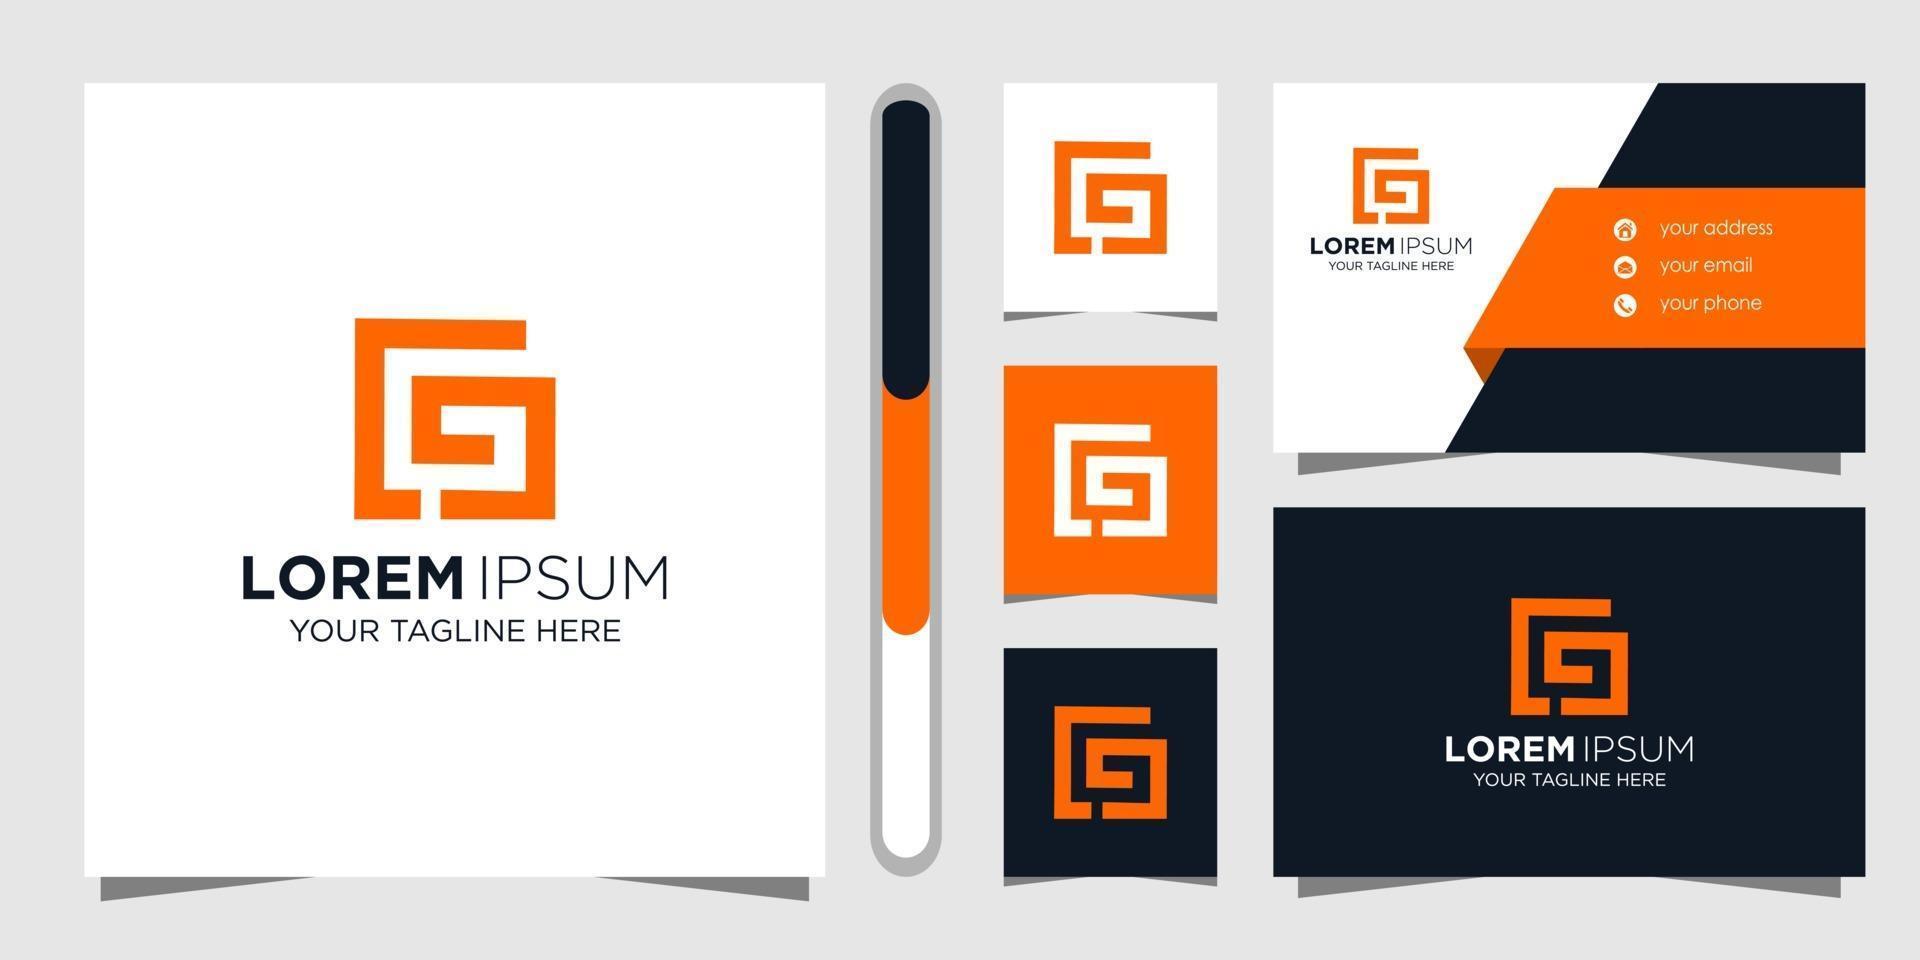 Buchstabe CG Logo Design und Visitenkarte vektor